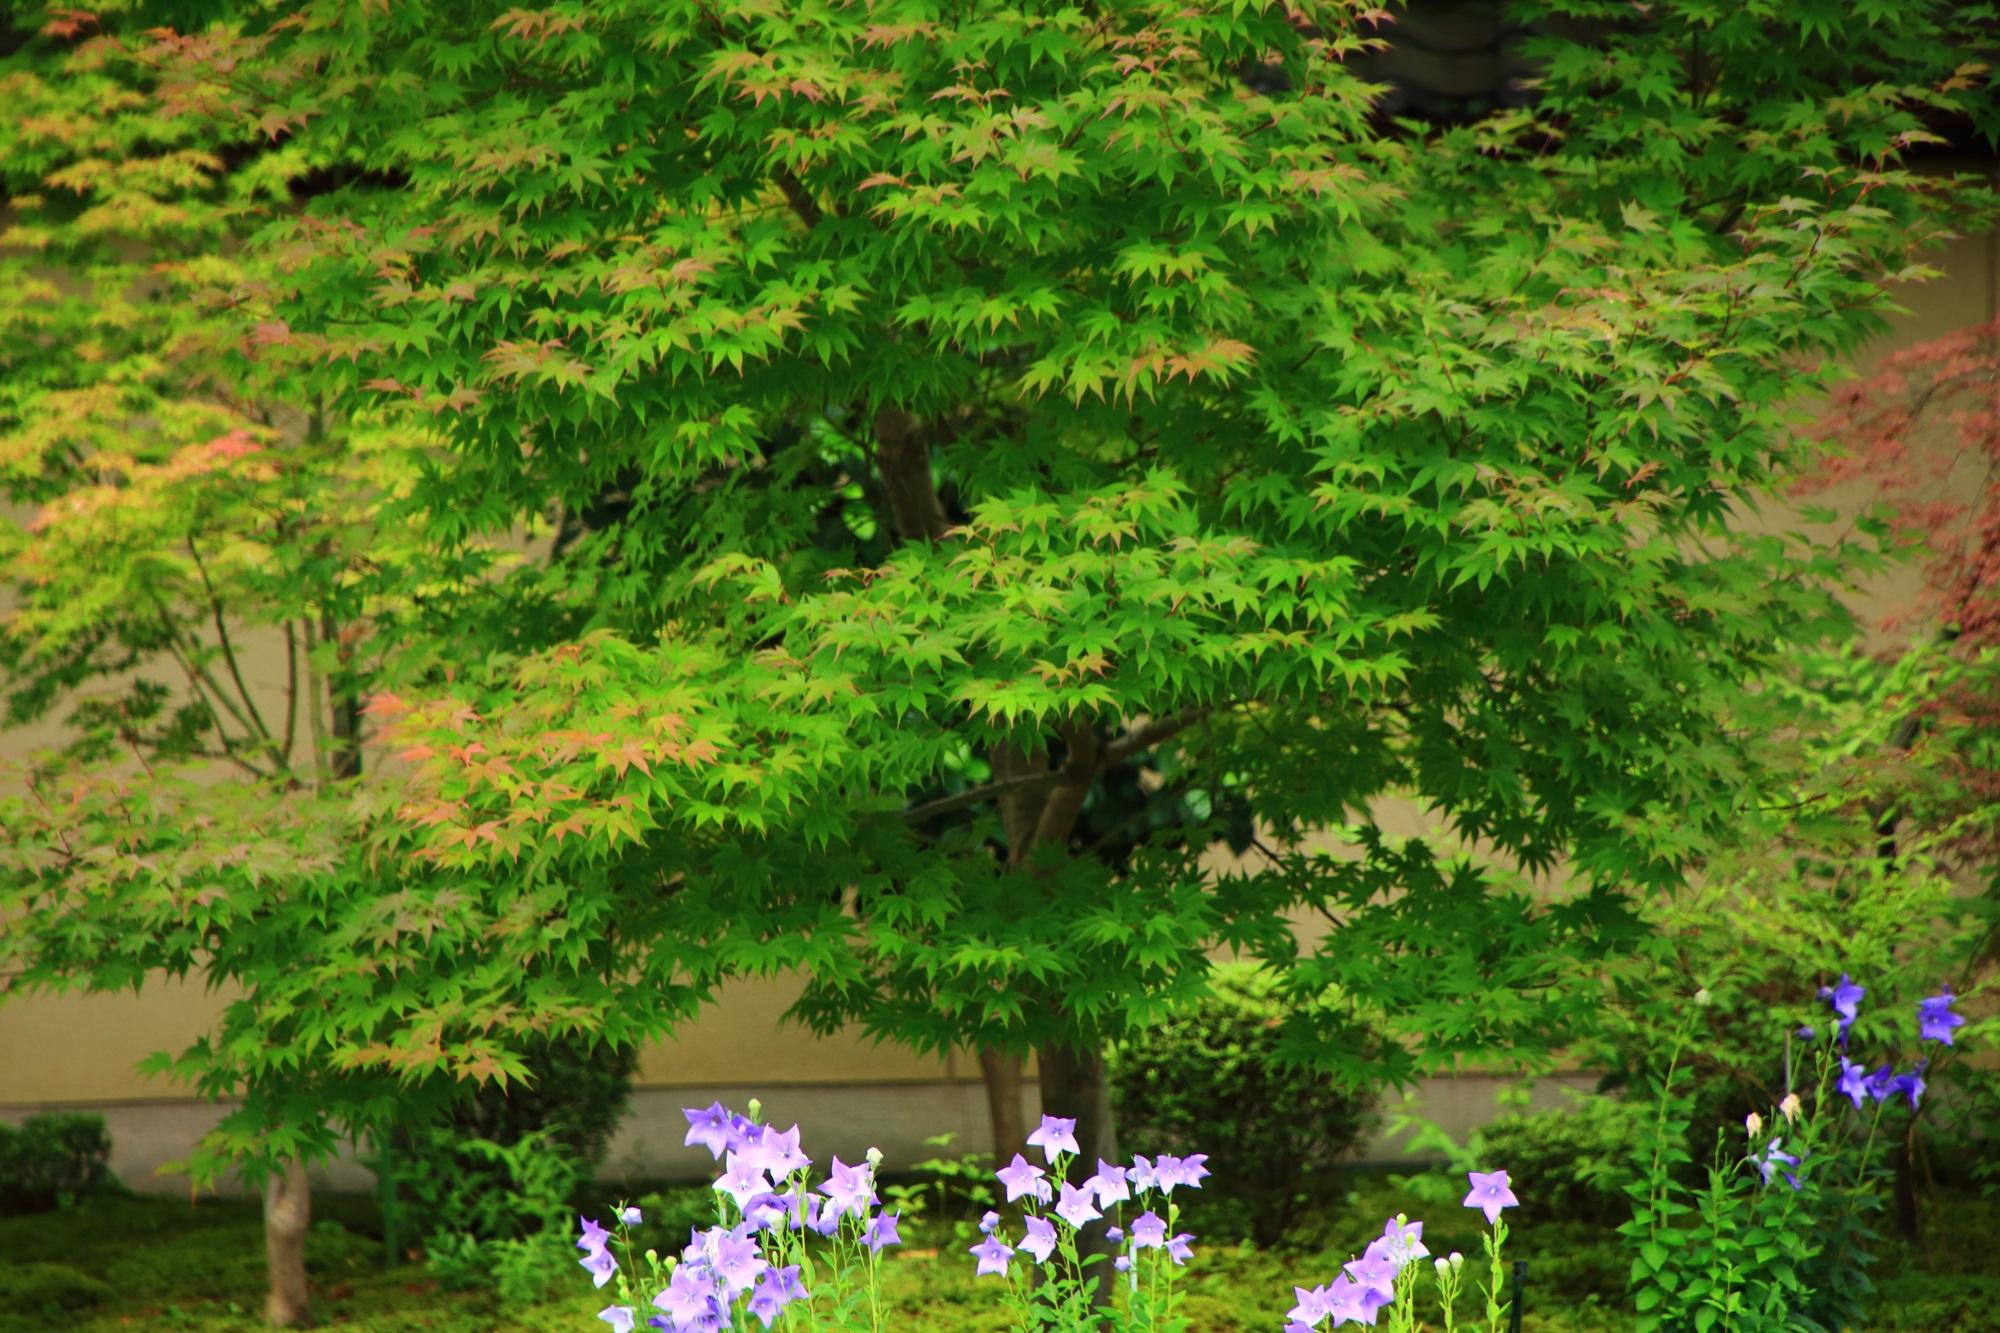 青もみじの鮮やかな緑に彩りを添える桔梗の花